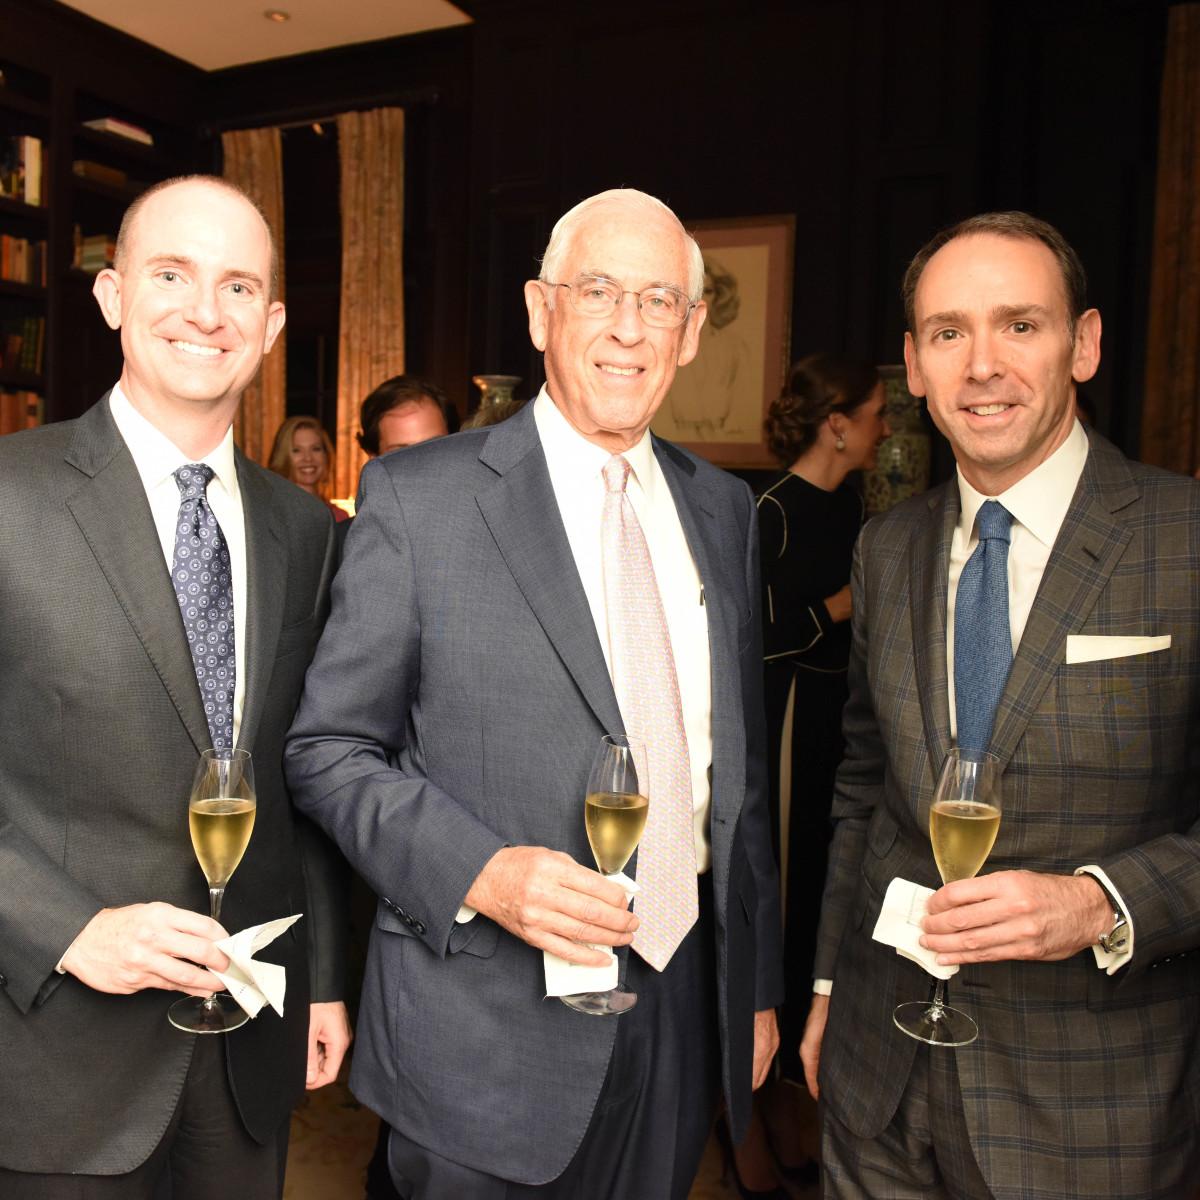 News, Shelby, Departures/Chopard dinner, Oct. 2015, Brian Ritter, Dr. John Mendelsohn, Steven Deluca